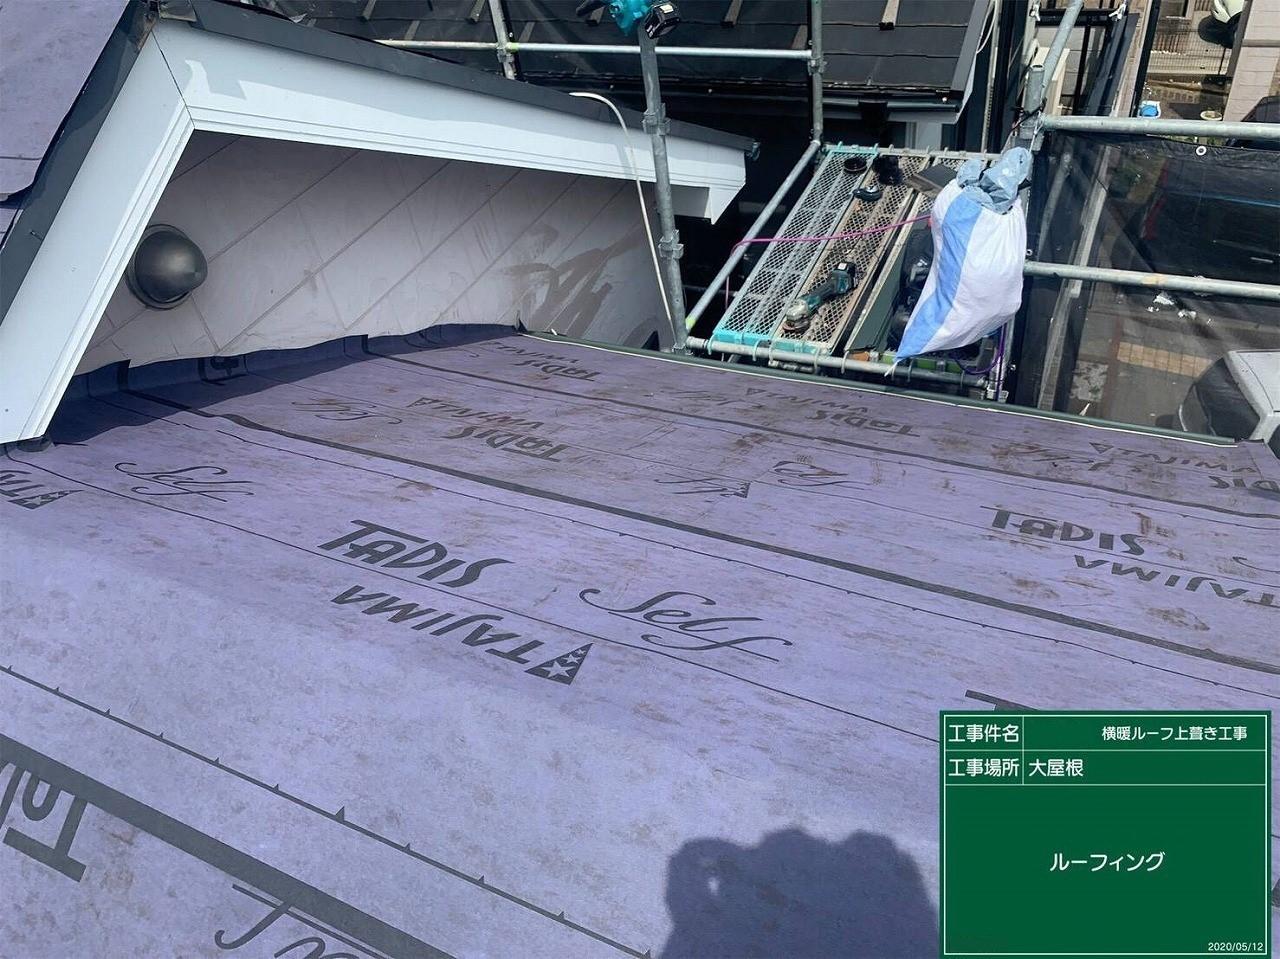 屋根工事施工写真 (18)HP